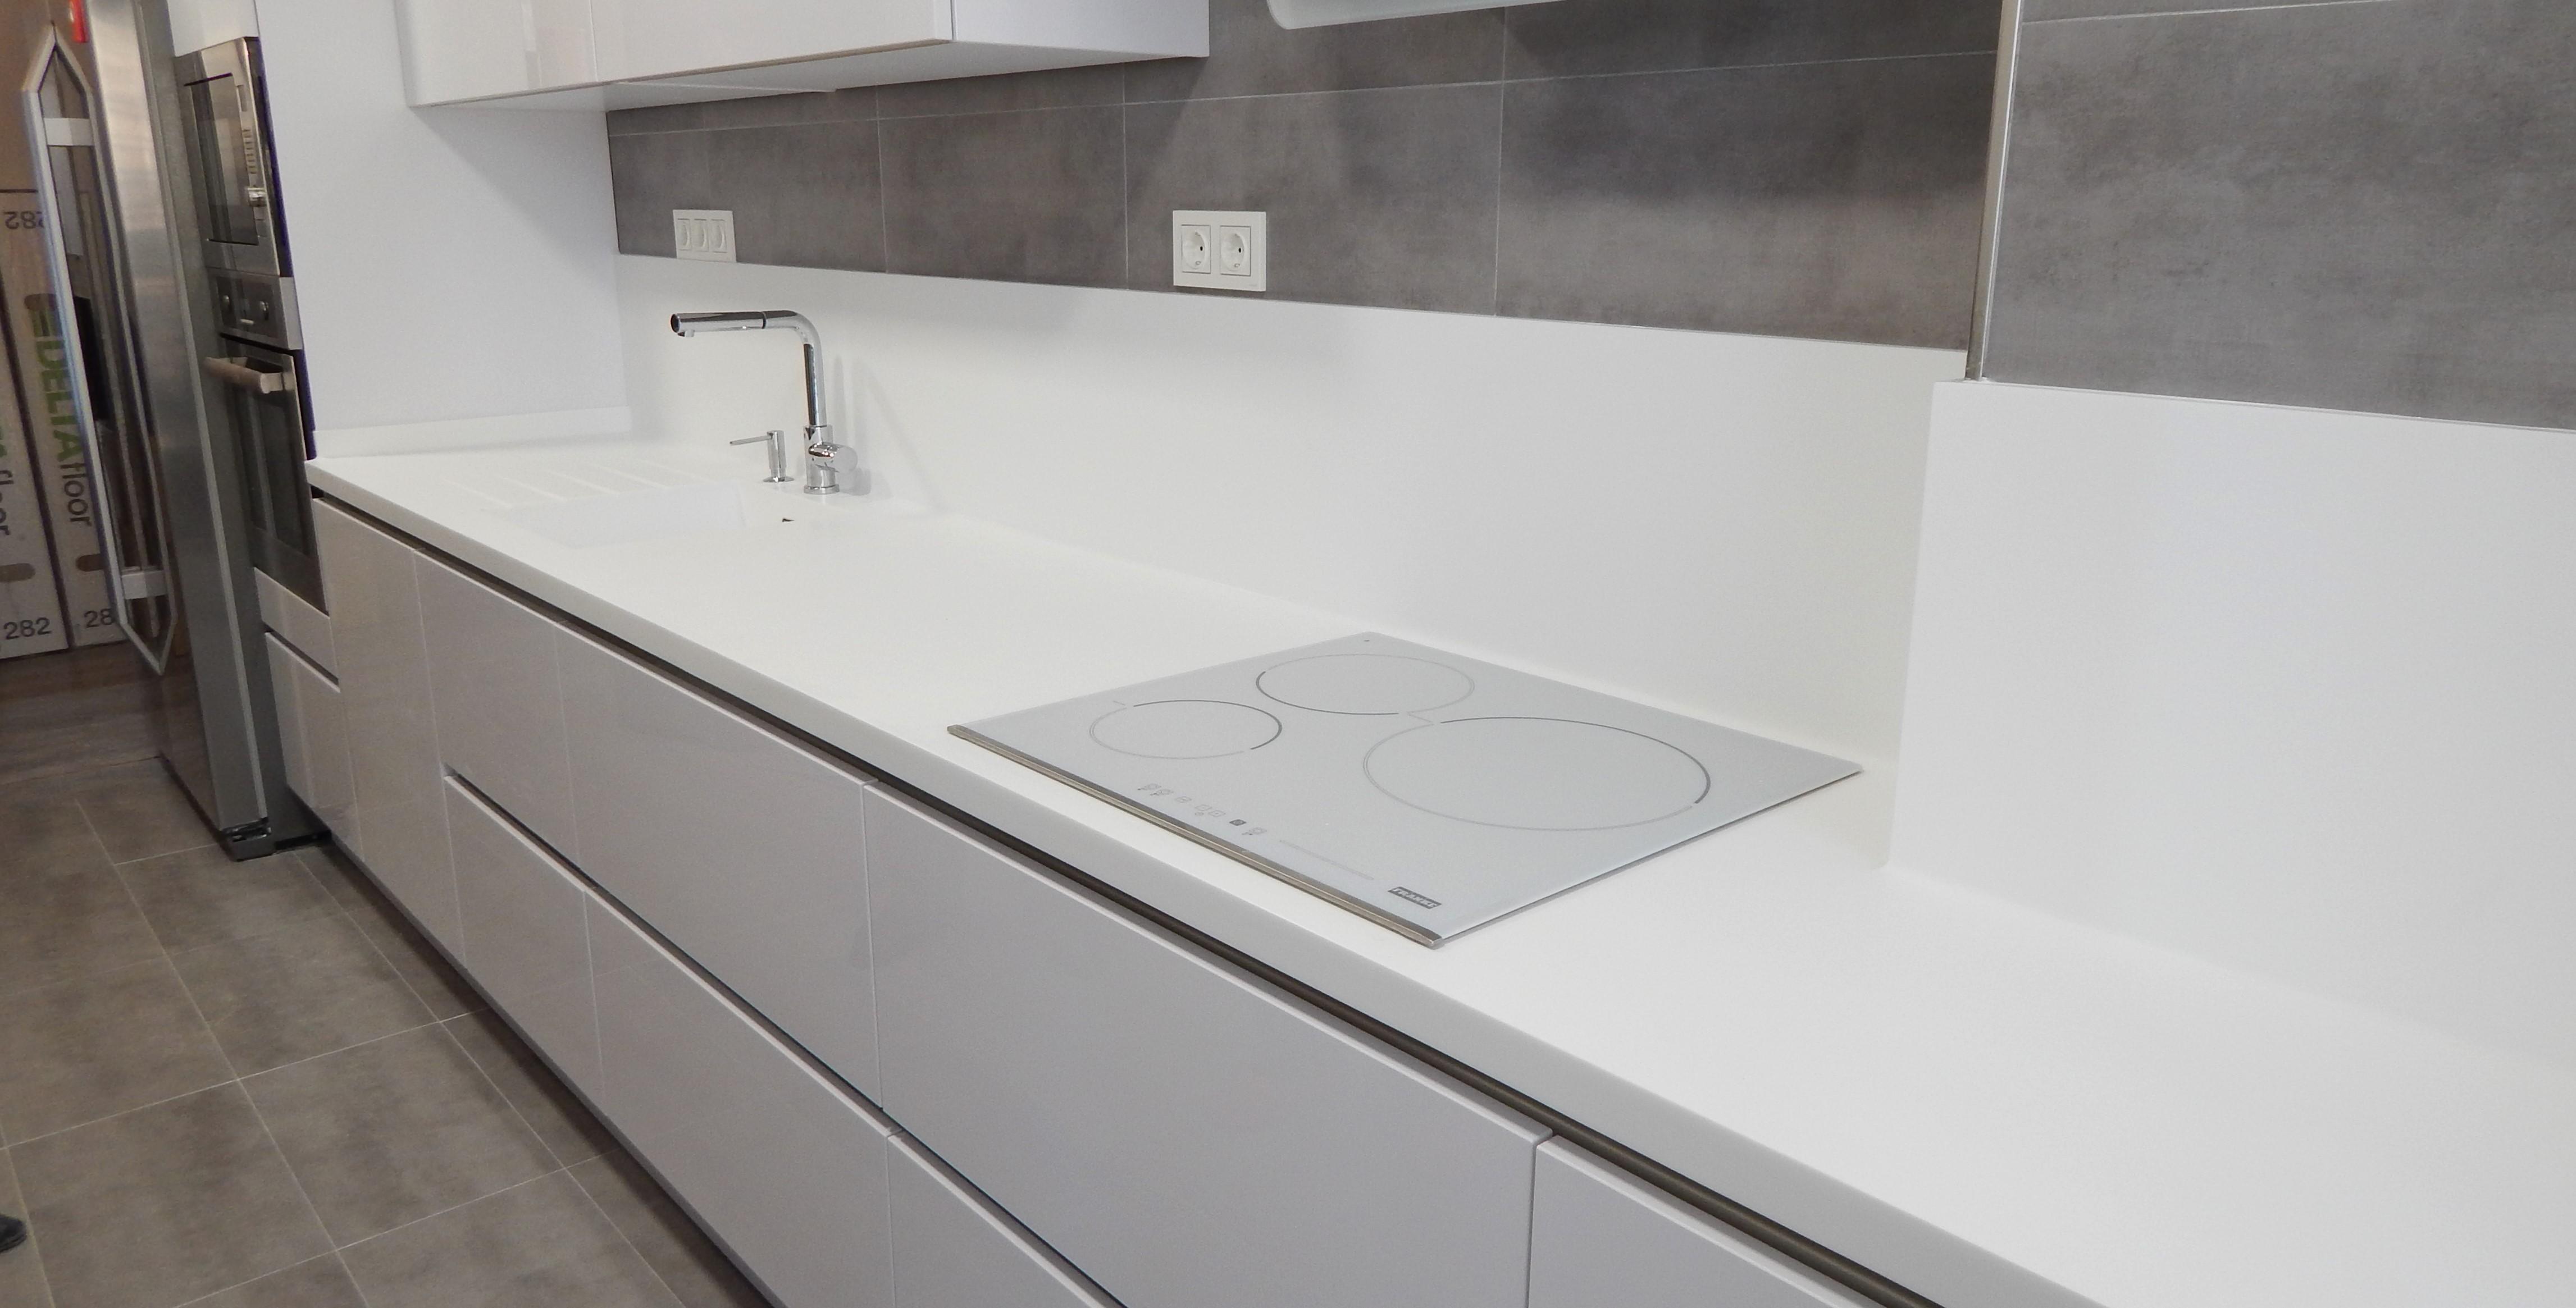 Muebles de cocina en blanco brillante - Muebles de cocina blancos ...